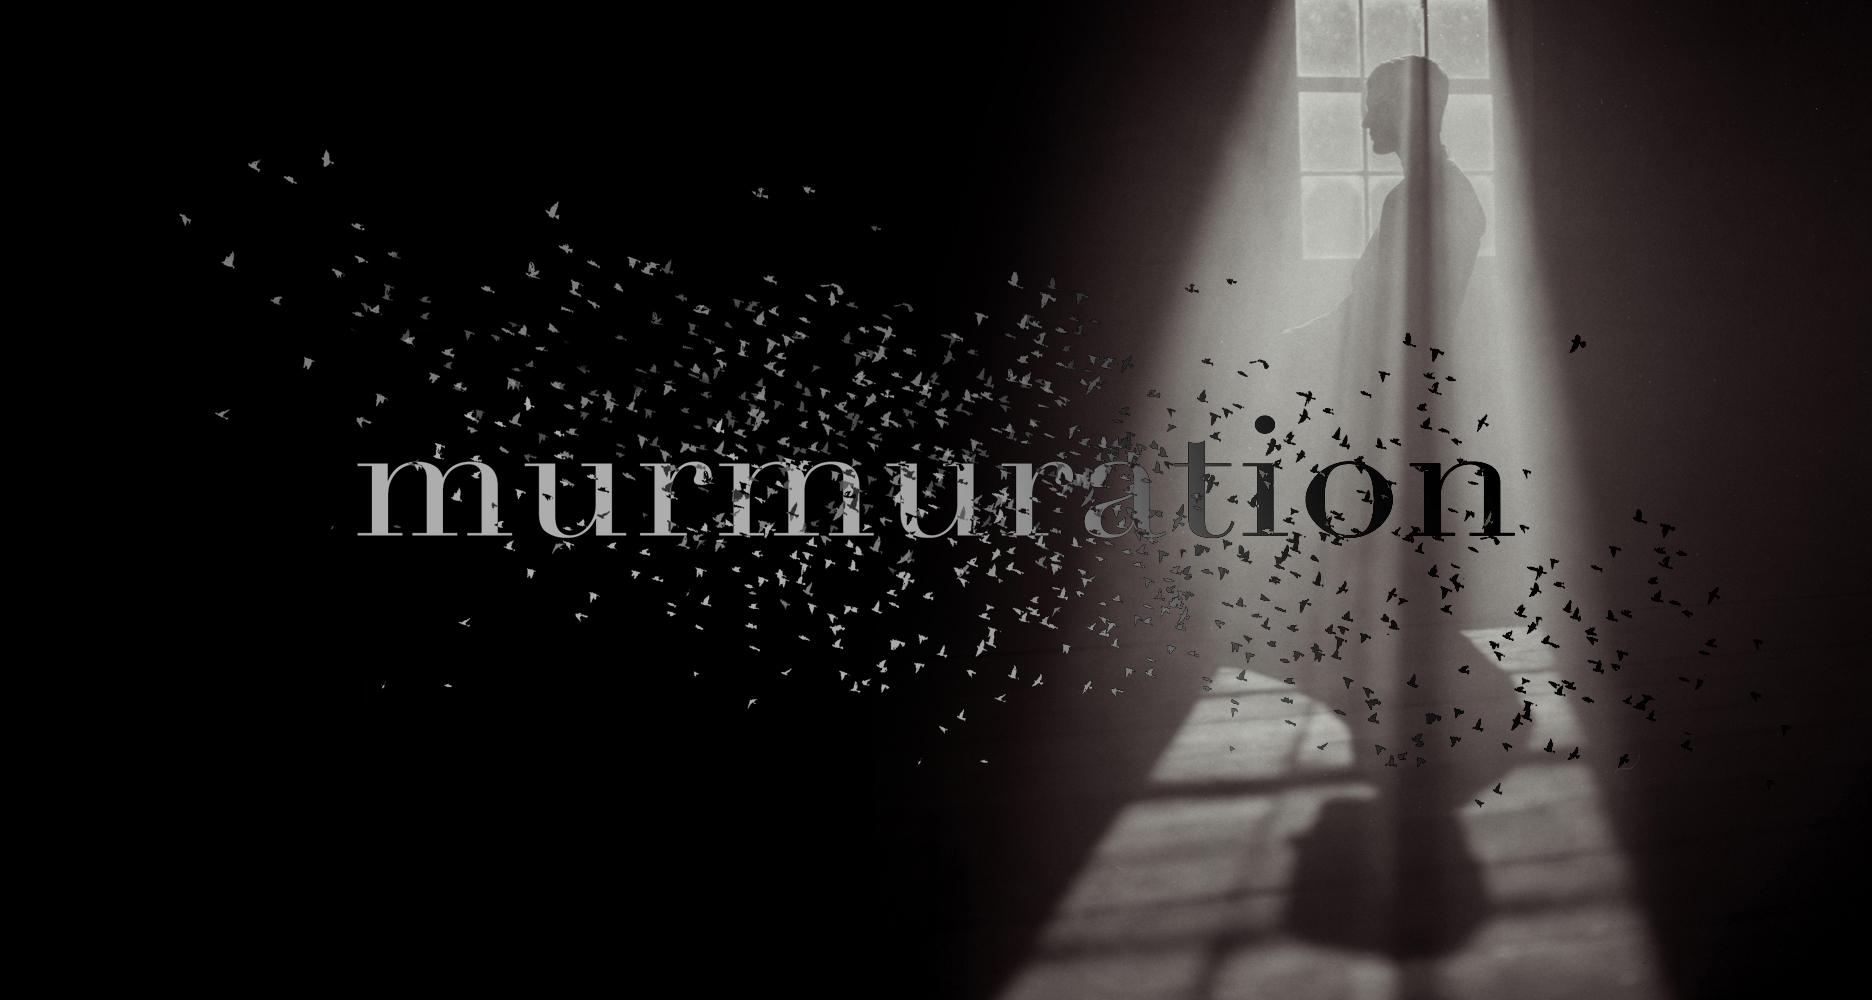 Murmuration Final.jpg